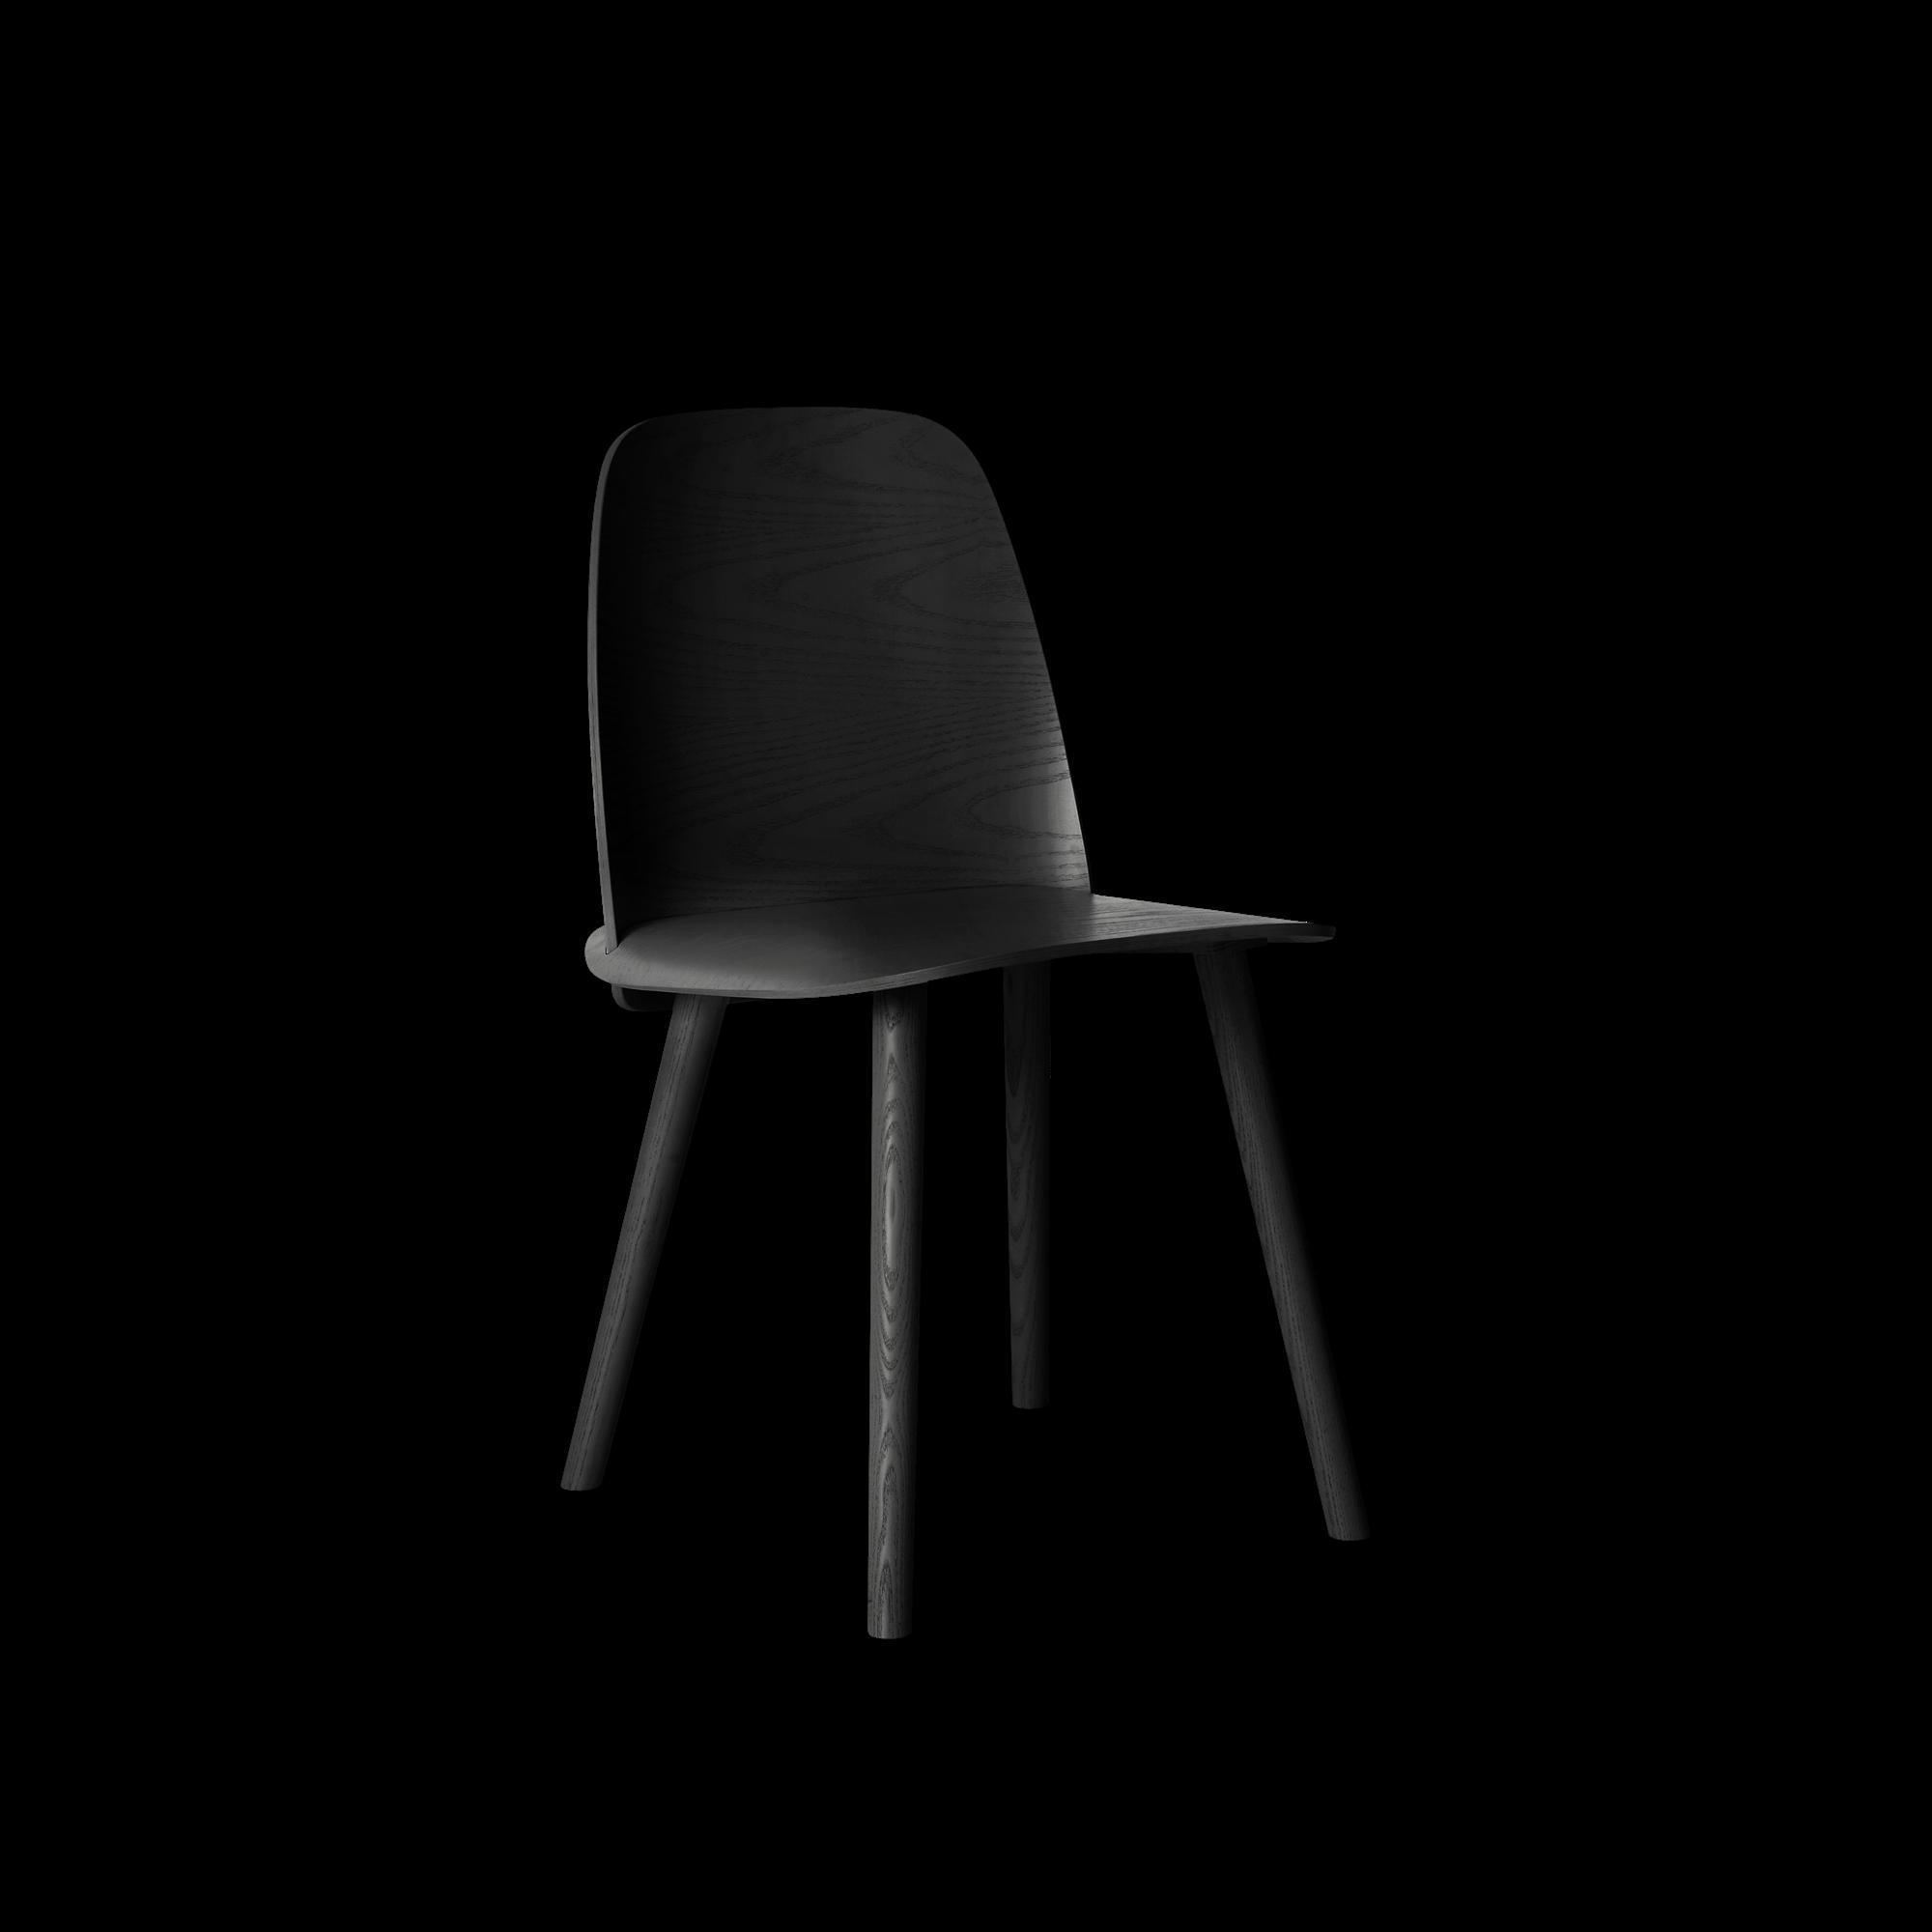 21402-nerd-chair-black-1502286854-6927020.png